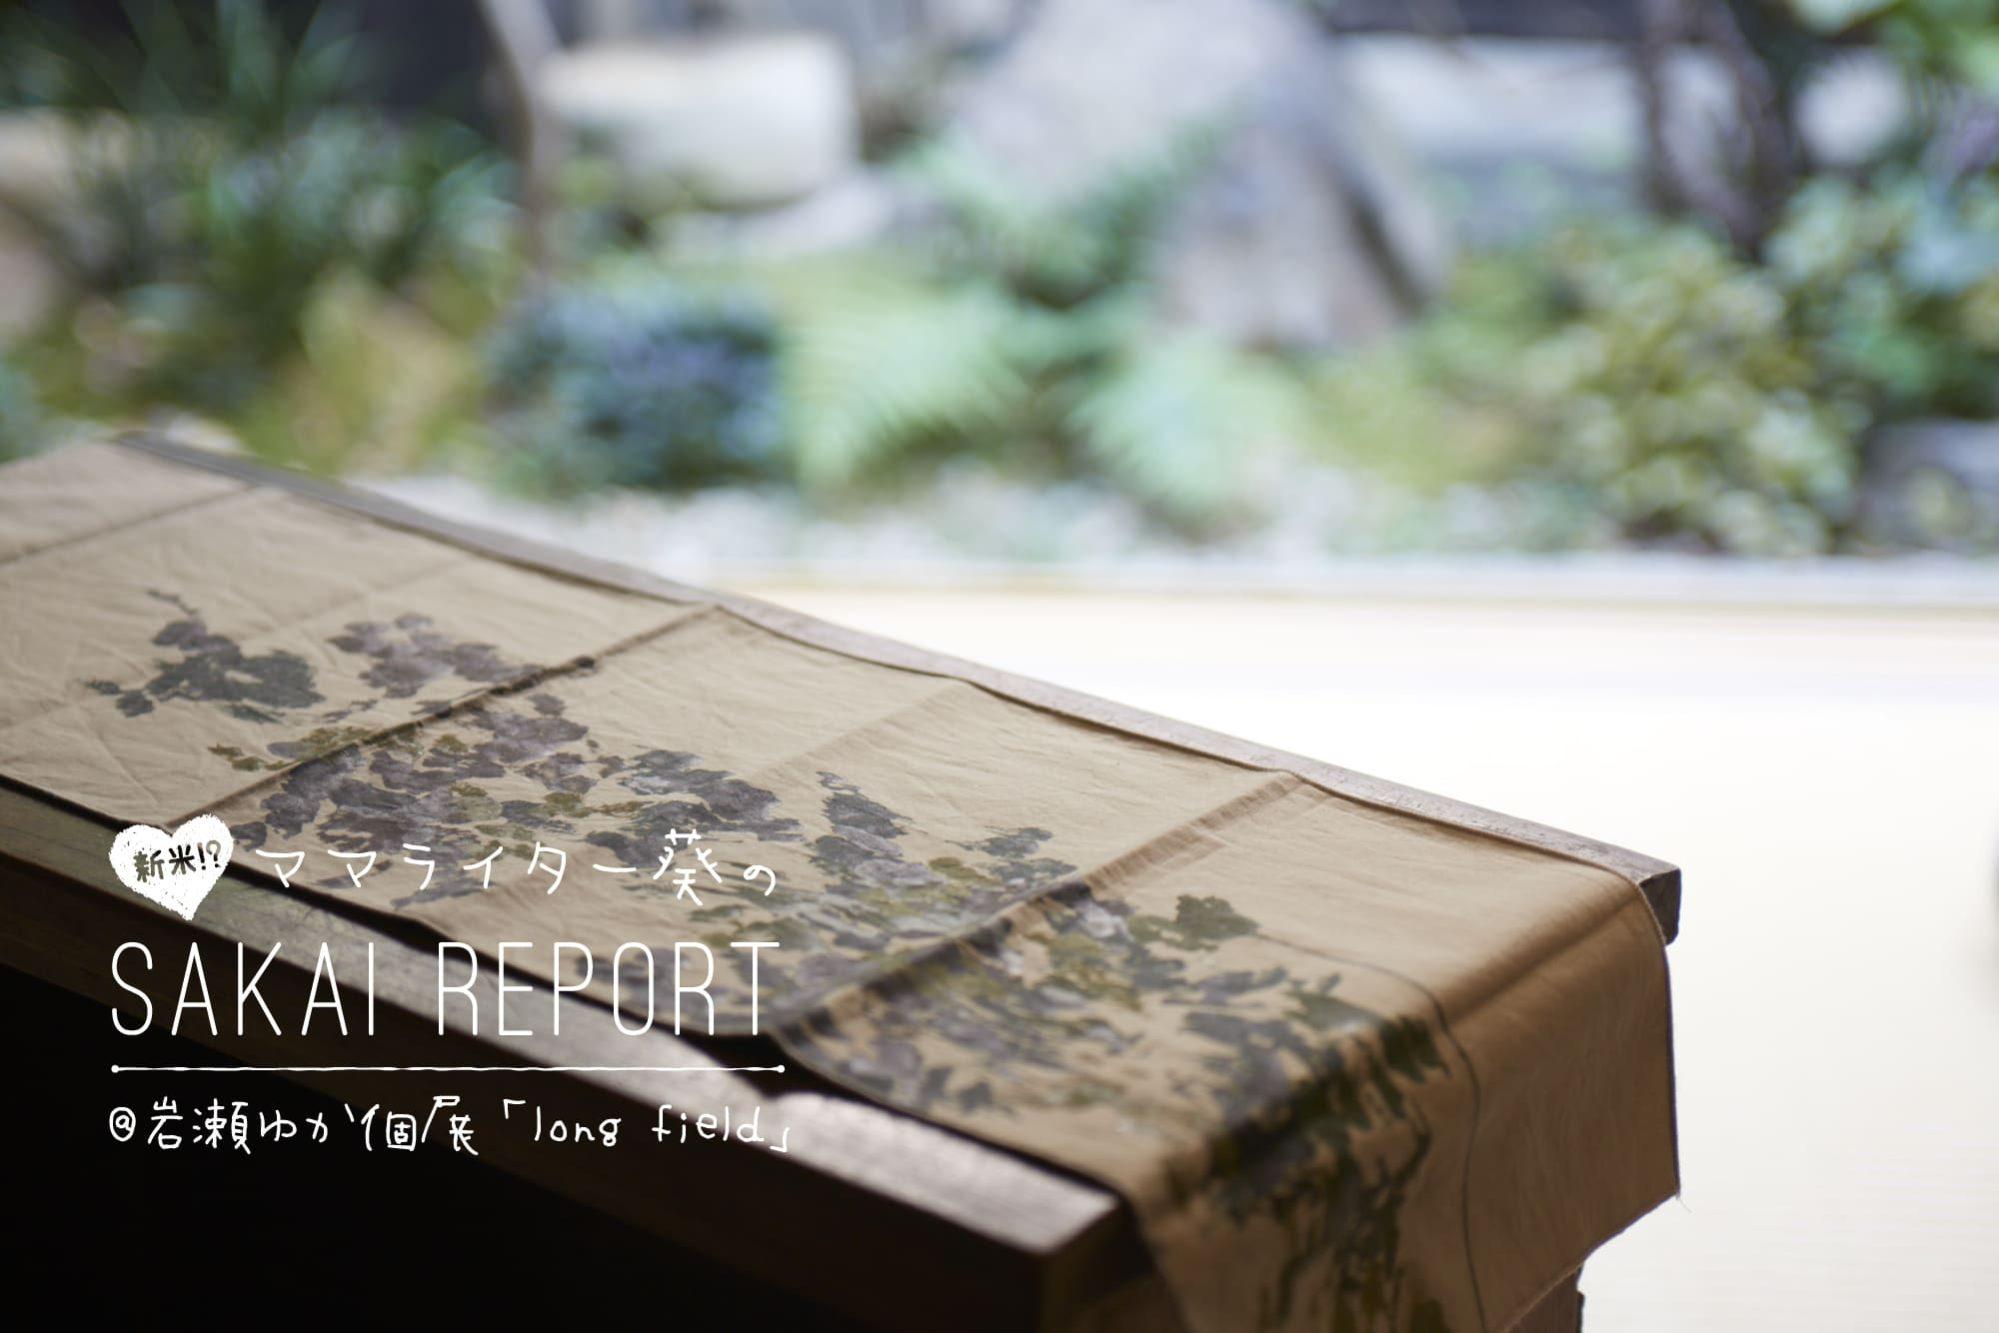 ママライター葵のSAKAI REPORT@岩瀬ゆか個展「long field」